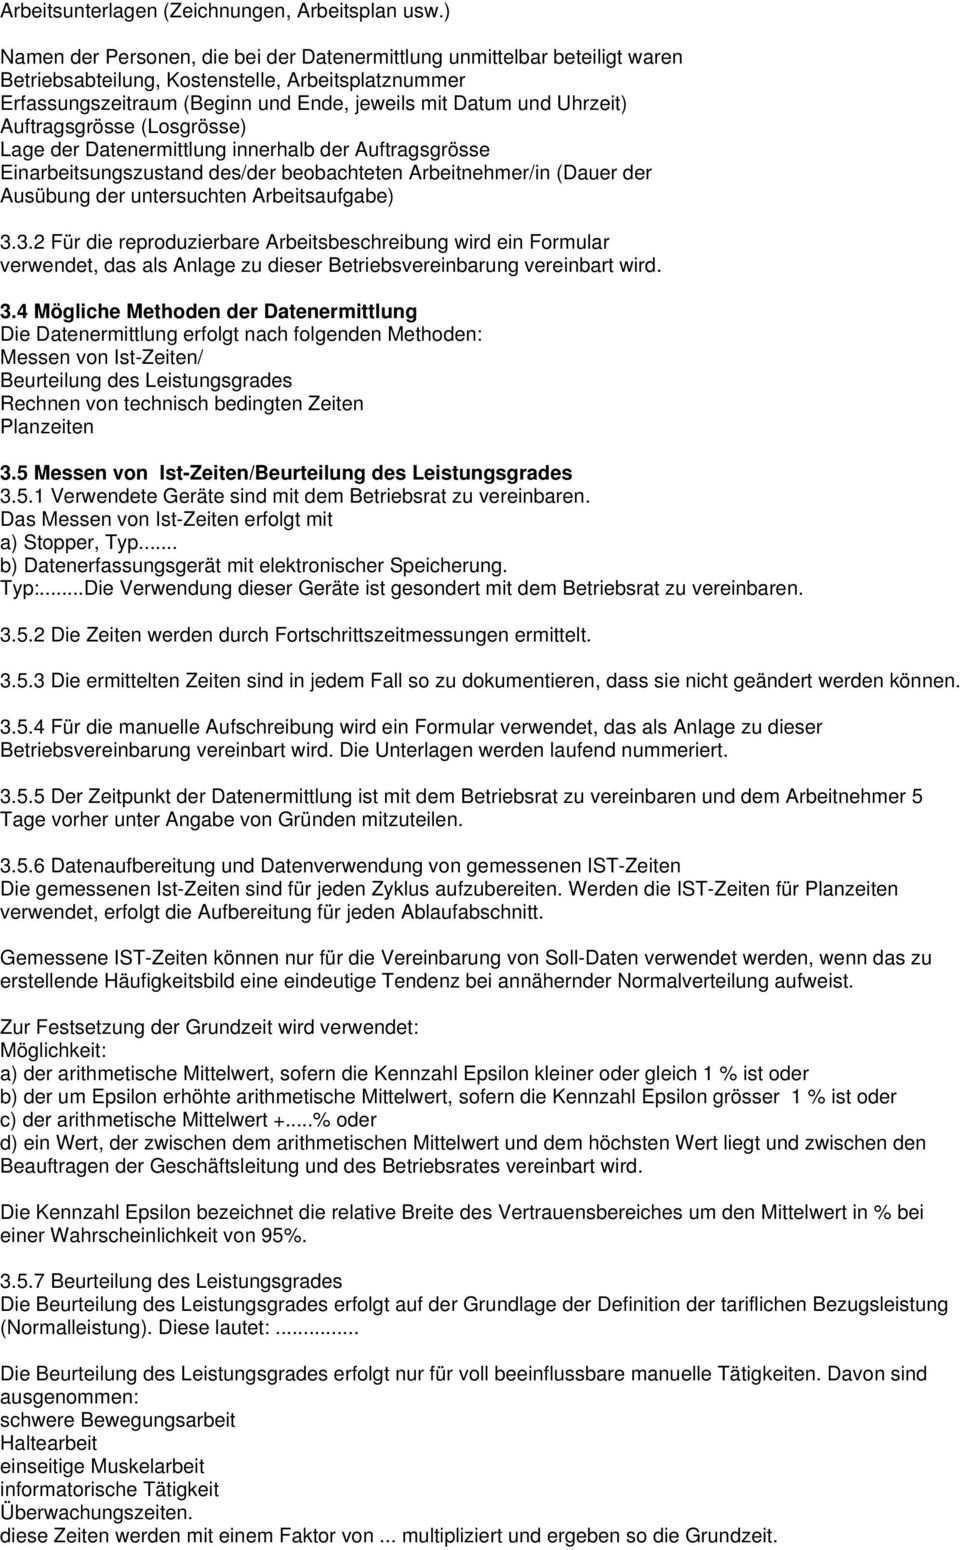 Muster Betriebsvereinbarung Zum Thema Akkord Pdf Kostenfreier Download